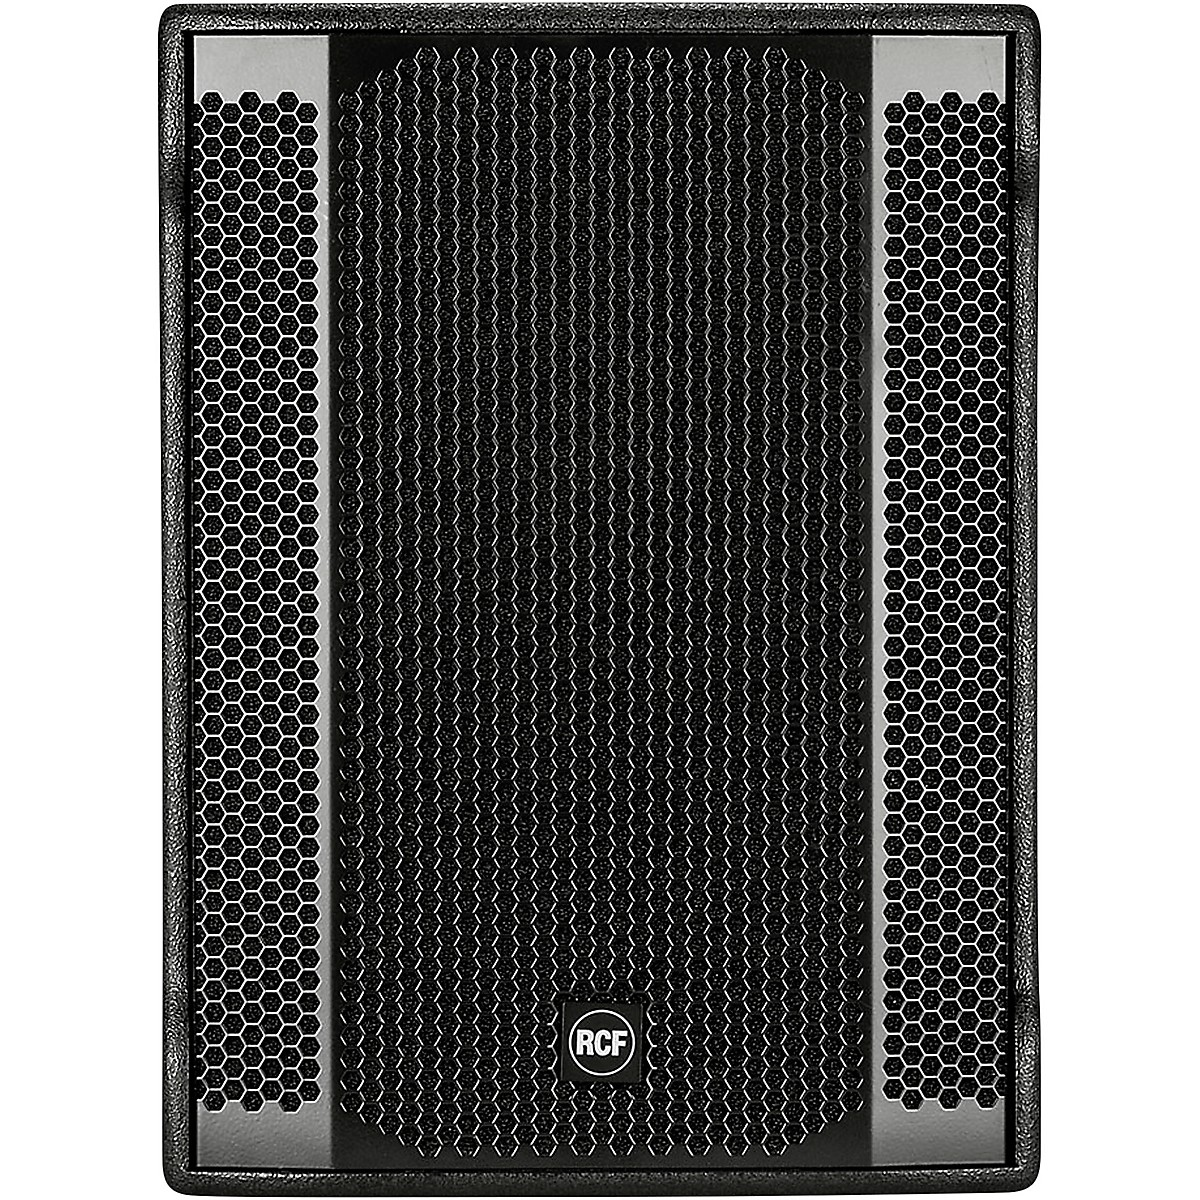 RCF SUB 8003-AS II 18